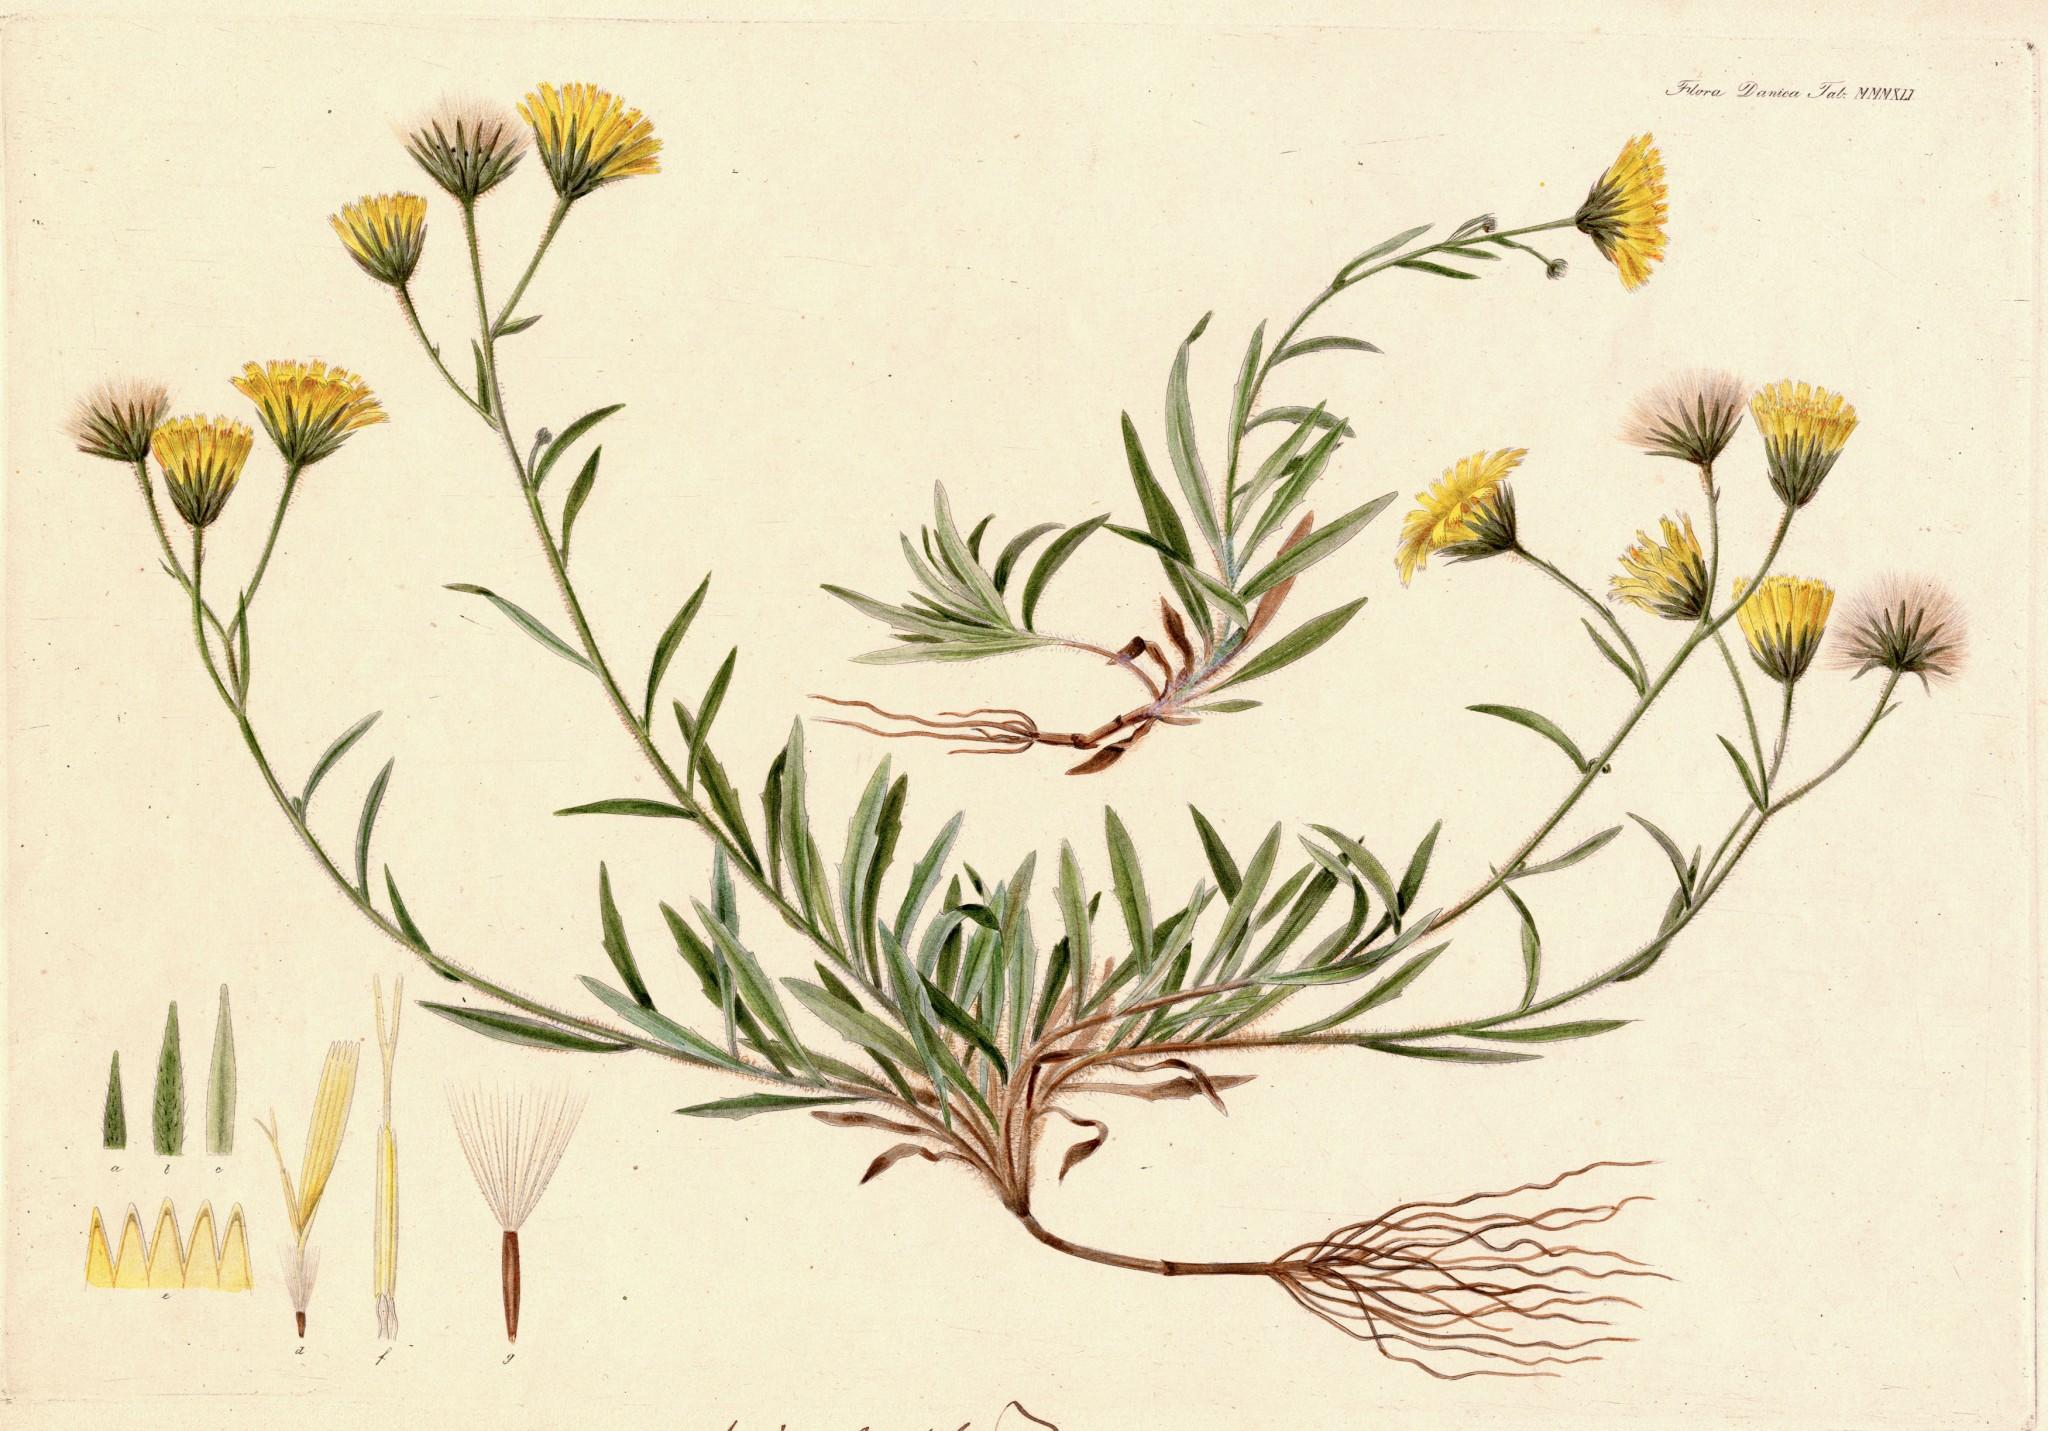 hoegeurt-flora-danica-statens-naturhistoriske-museum-boligcious-maria-fynsk-norup-kunst-videnskab